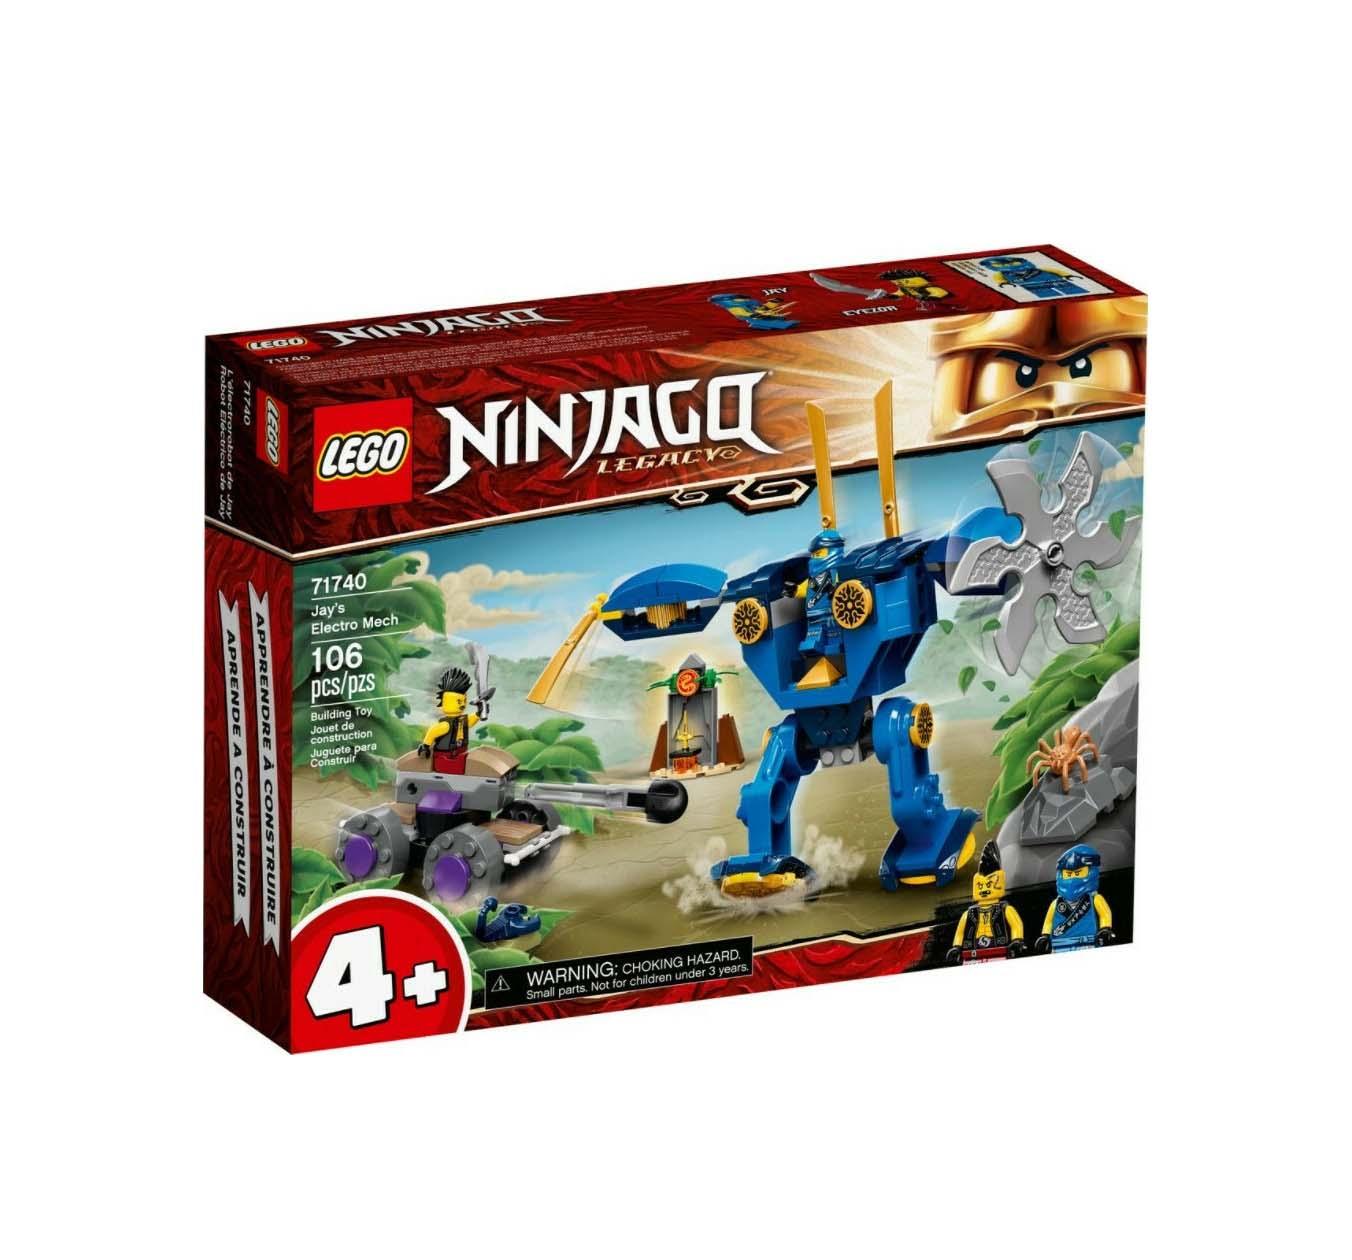 Lego Ninjago: Jay's Electro Mech 71740